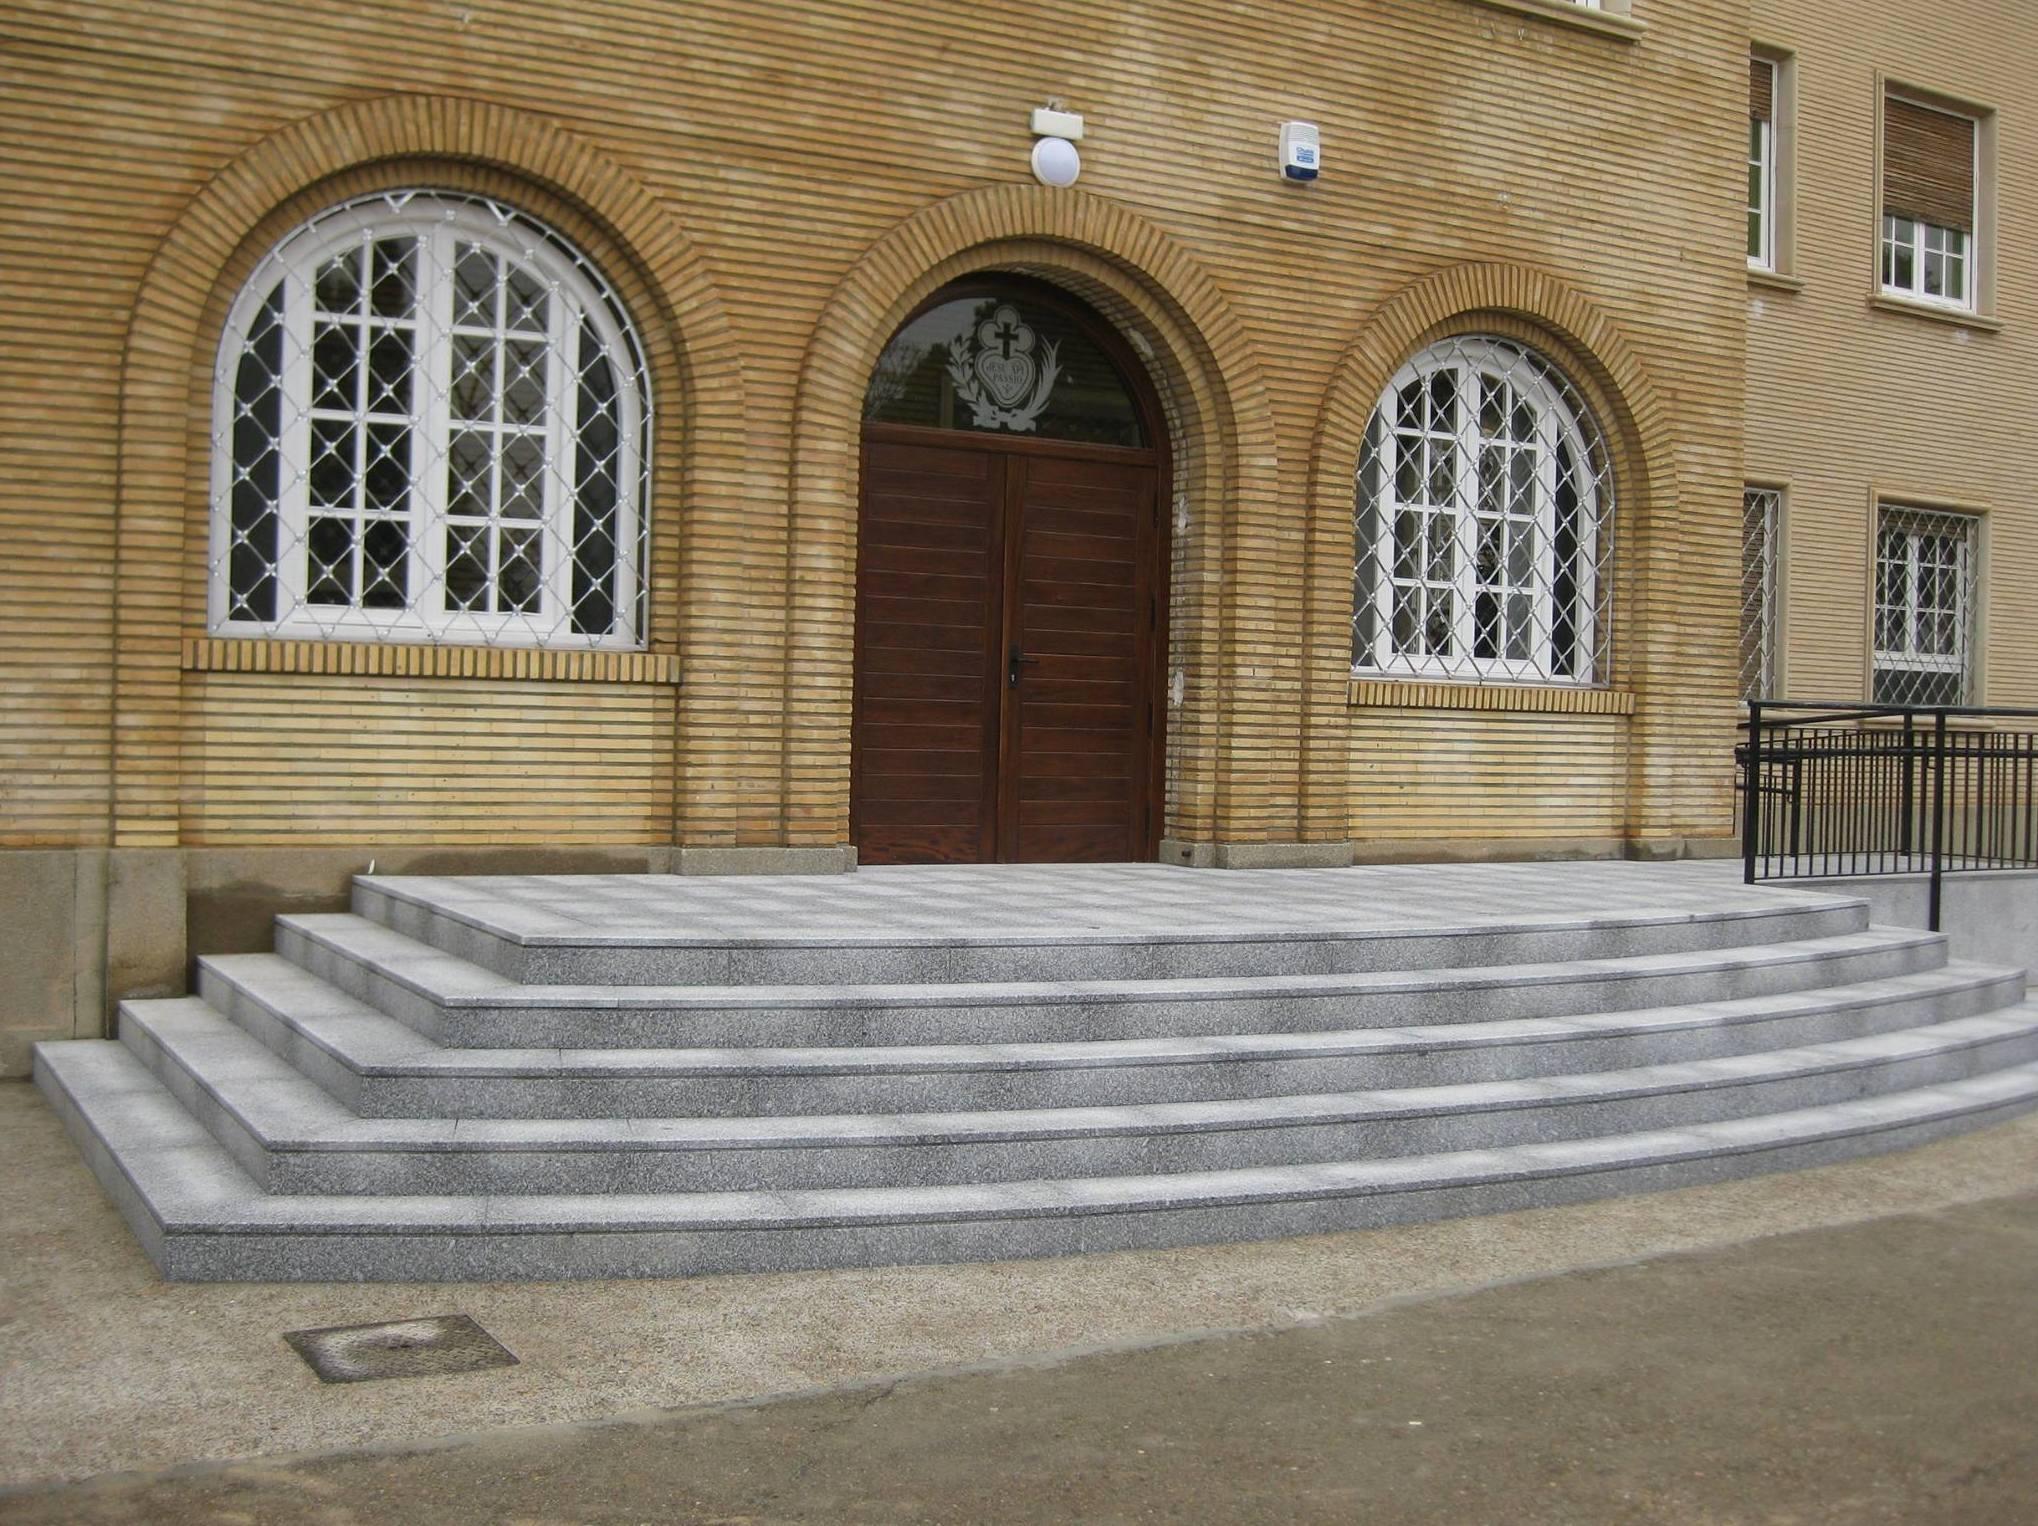 Escaleras exteriores antideslizantes